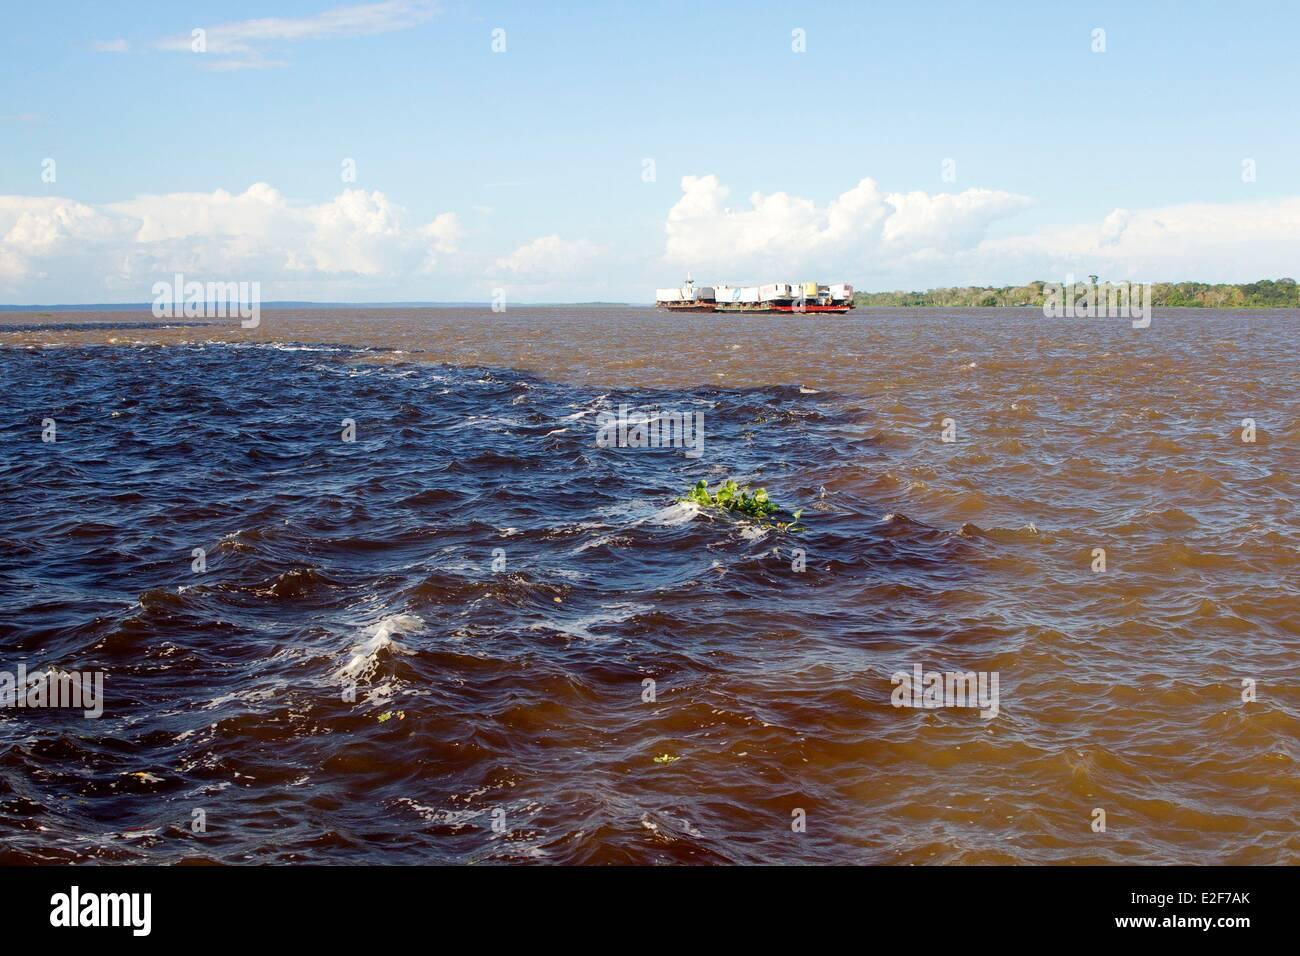 Brasilien Amazonas Staat Amazonas Phänomen des Treffens der Gewässer das schwarze Wasser des Rio Negro Stockbild